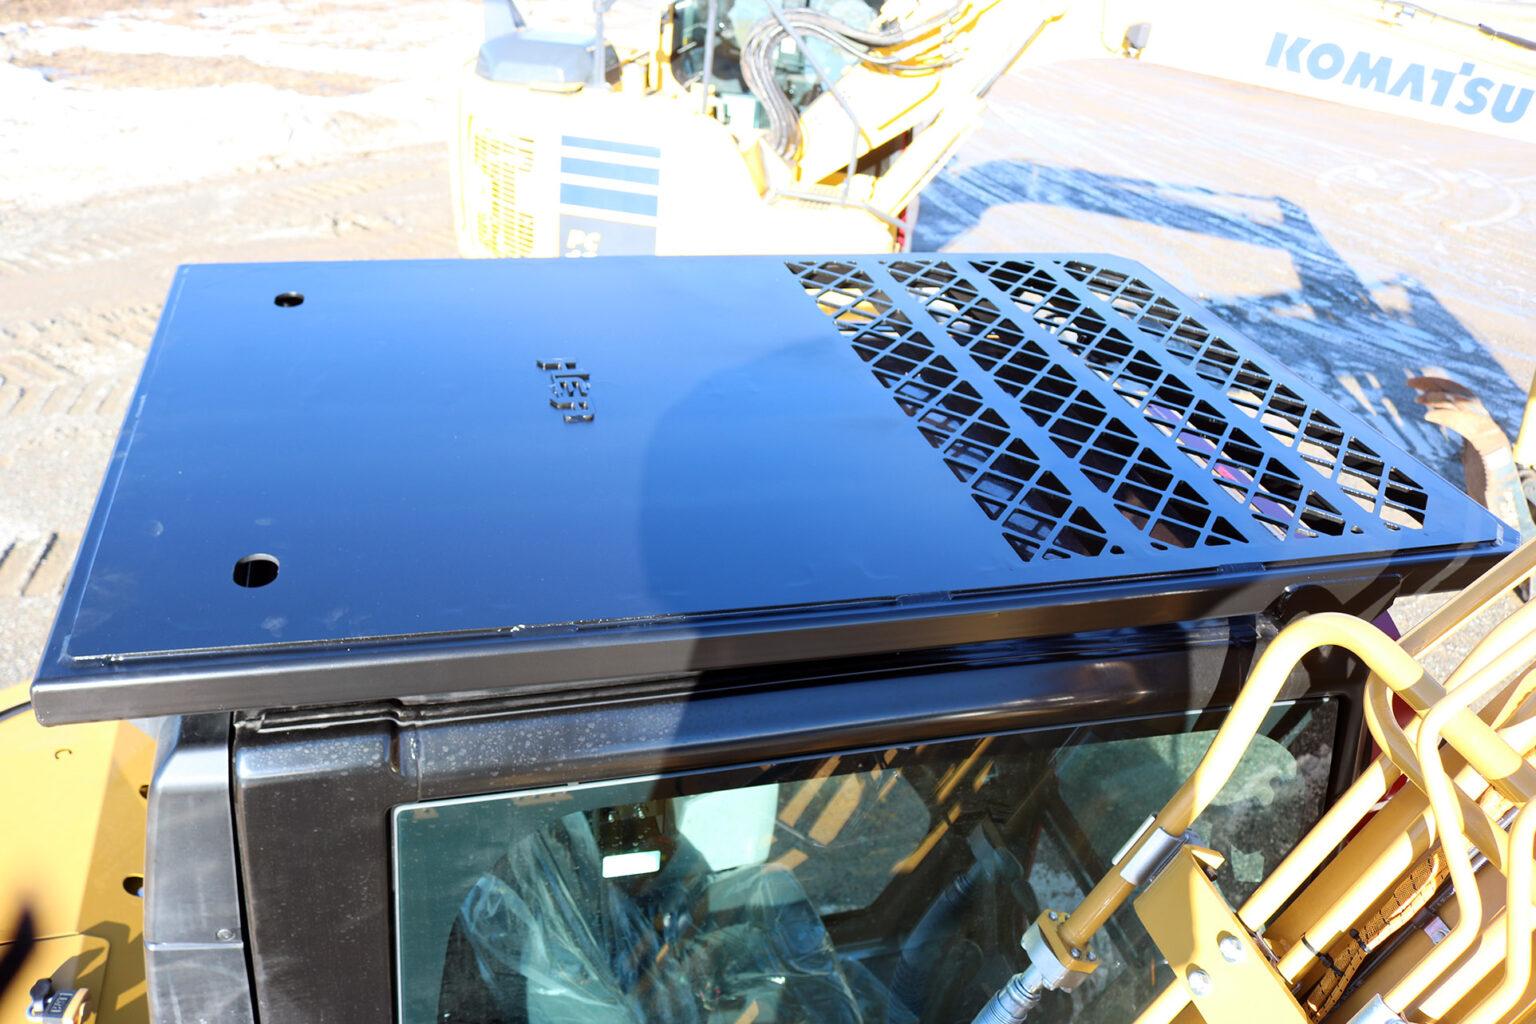 Caterpillar 315 Top Cab Guard and Ballistic Window